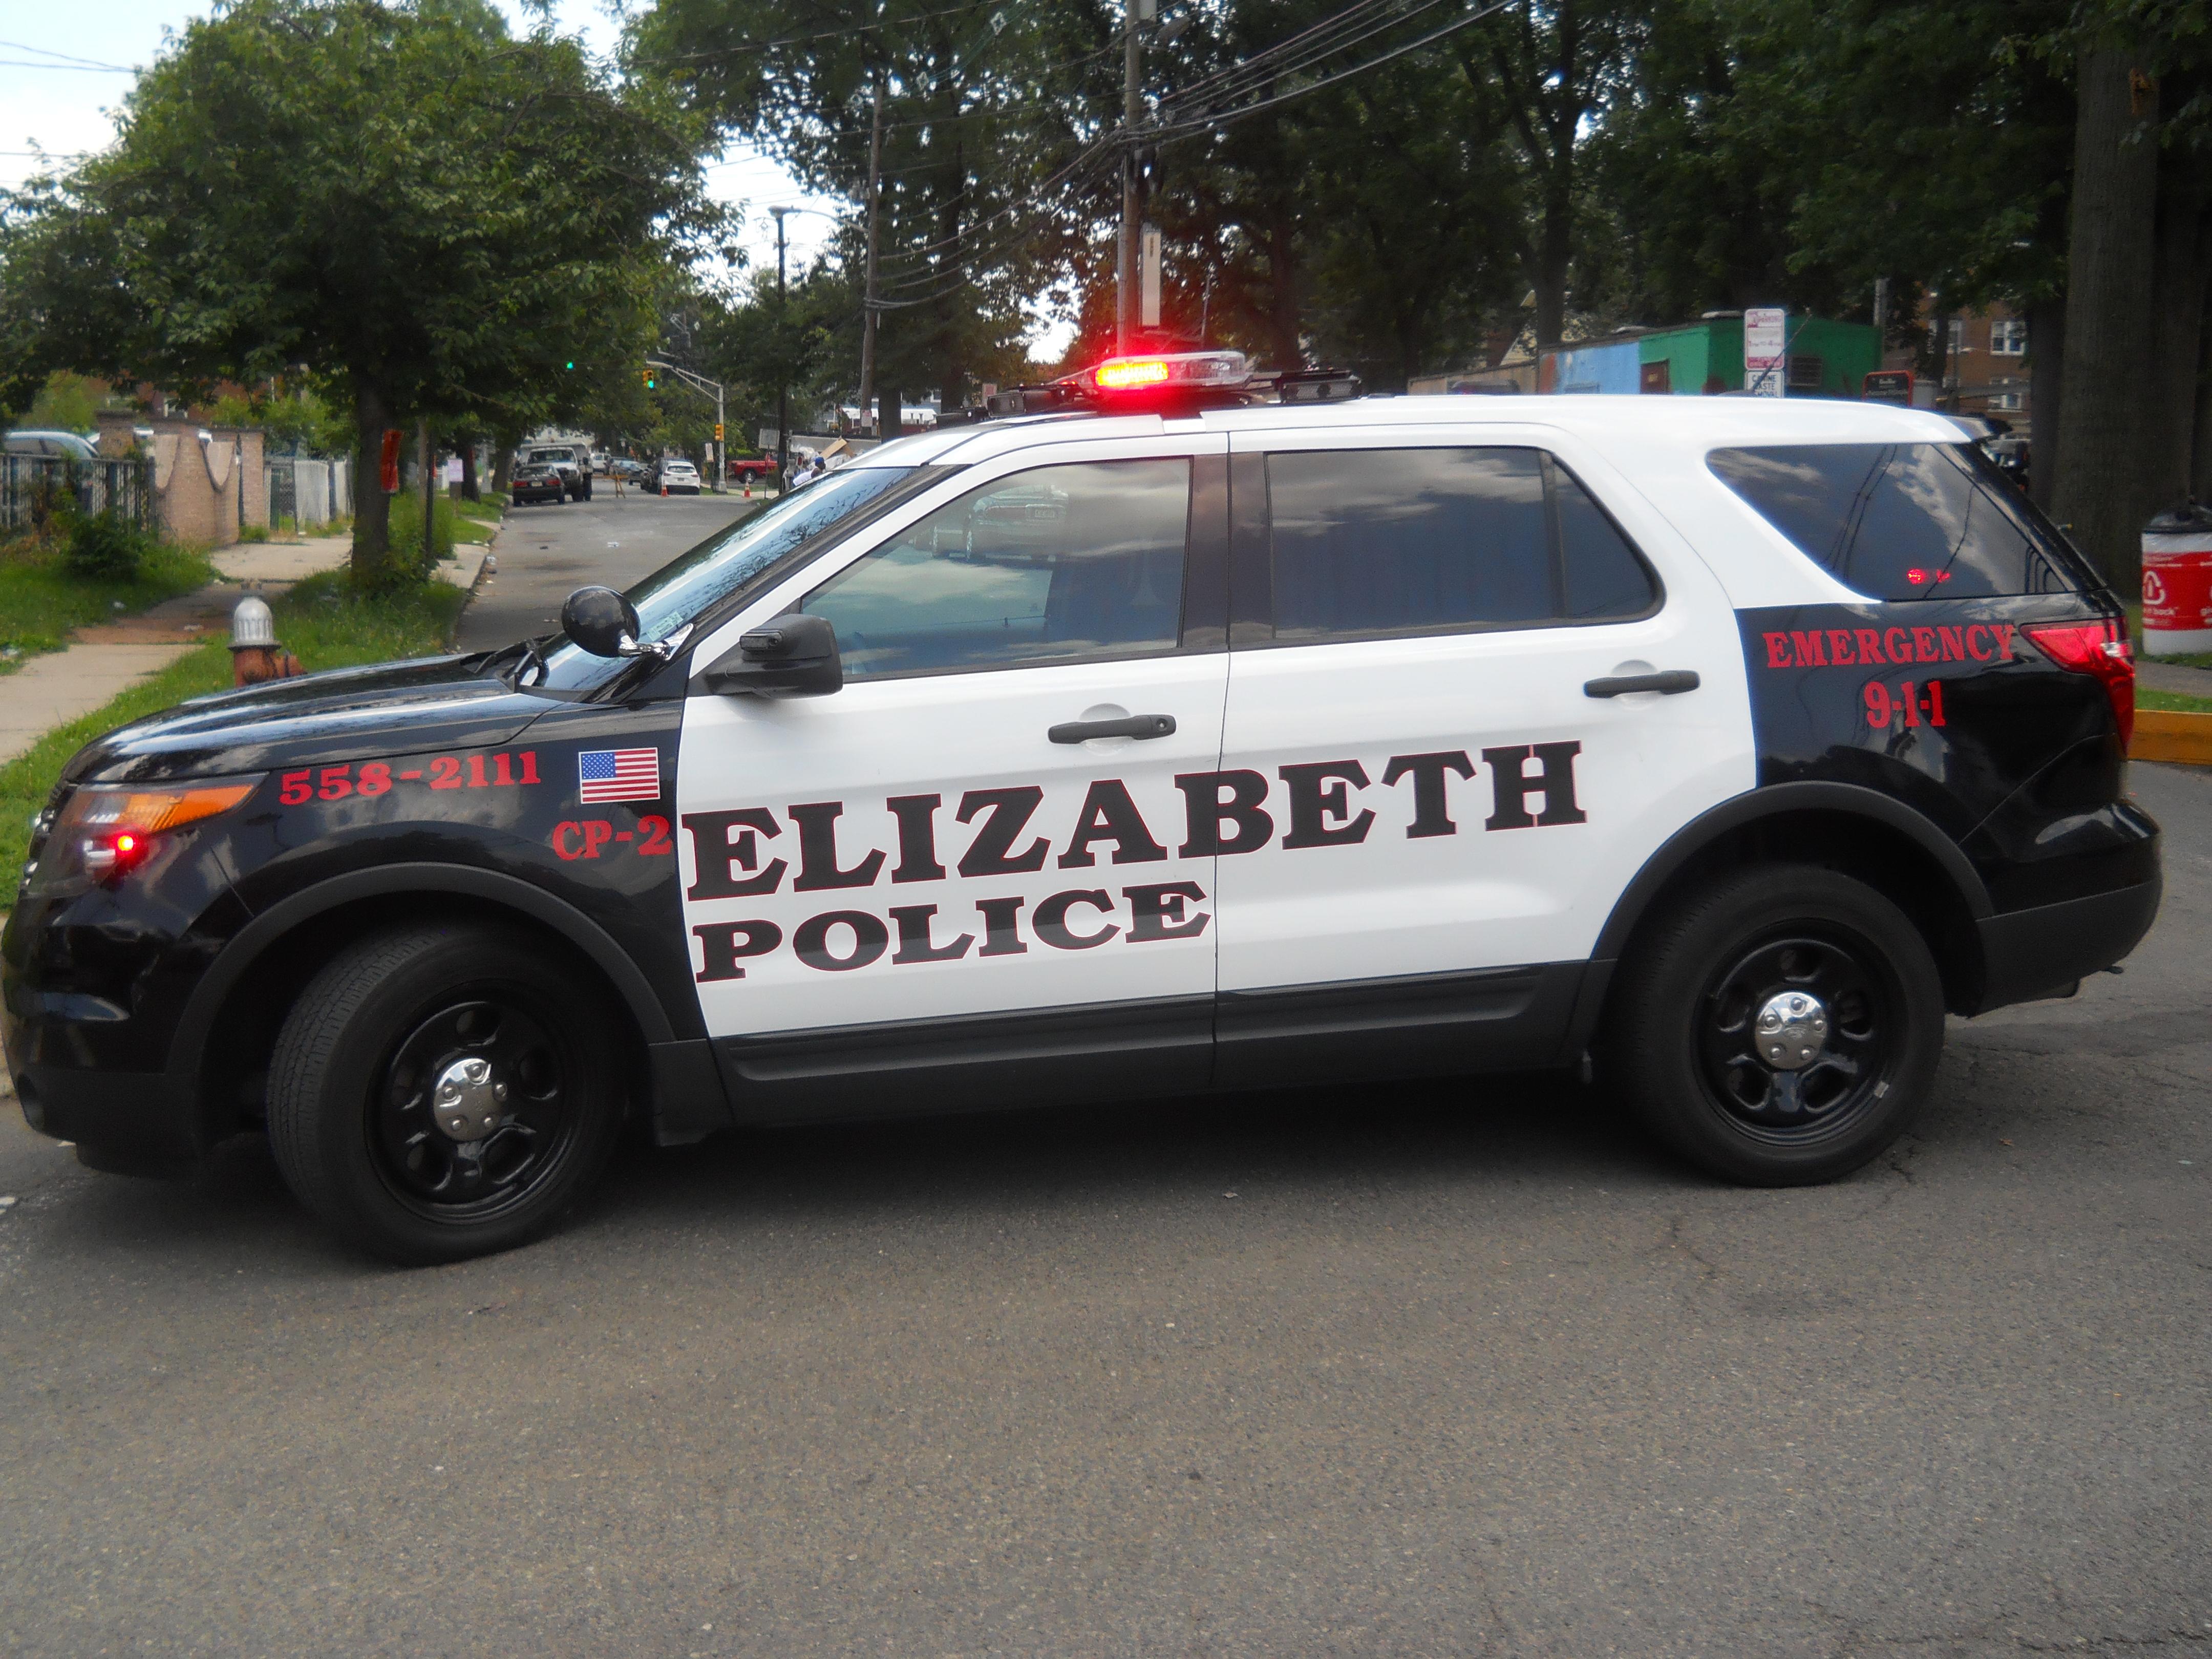 ee8194a48c9c7872548e_Police_Car.jpg